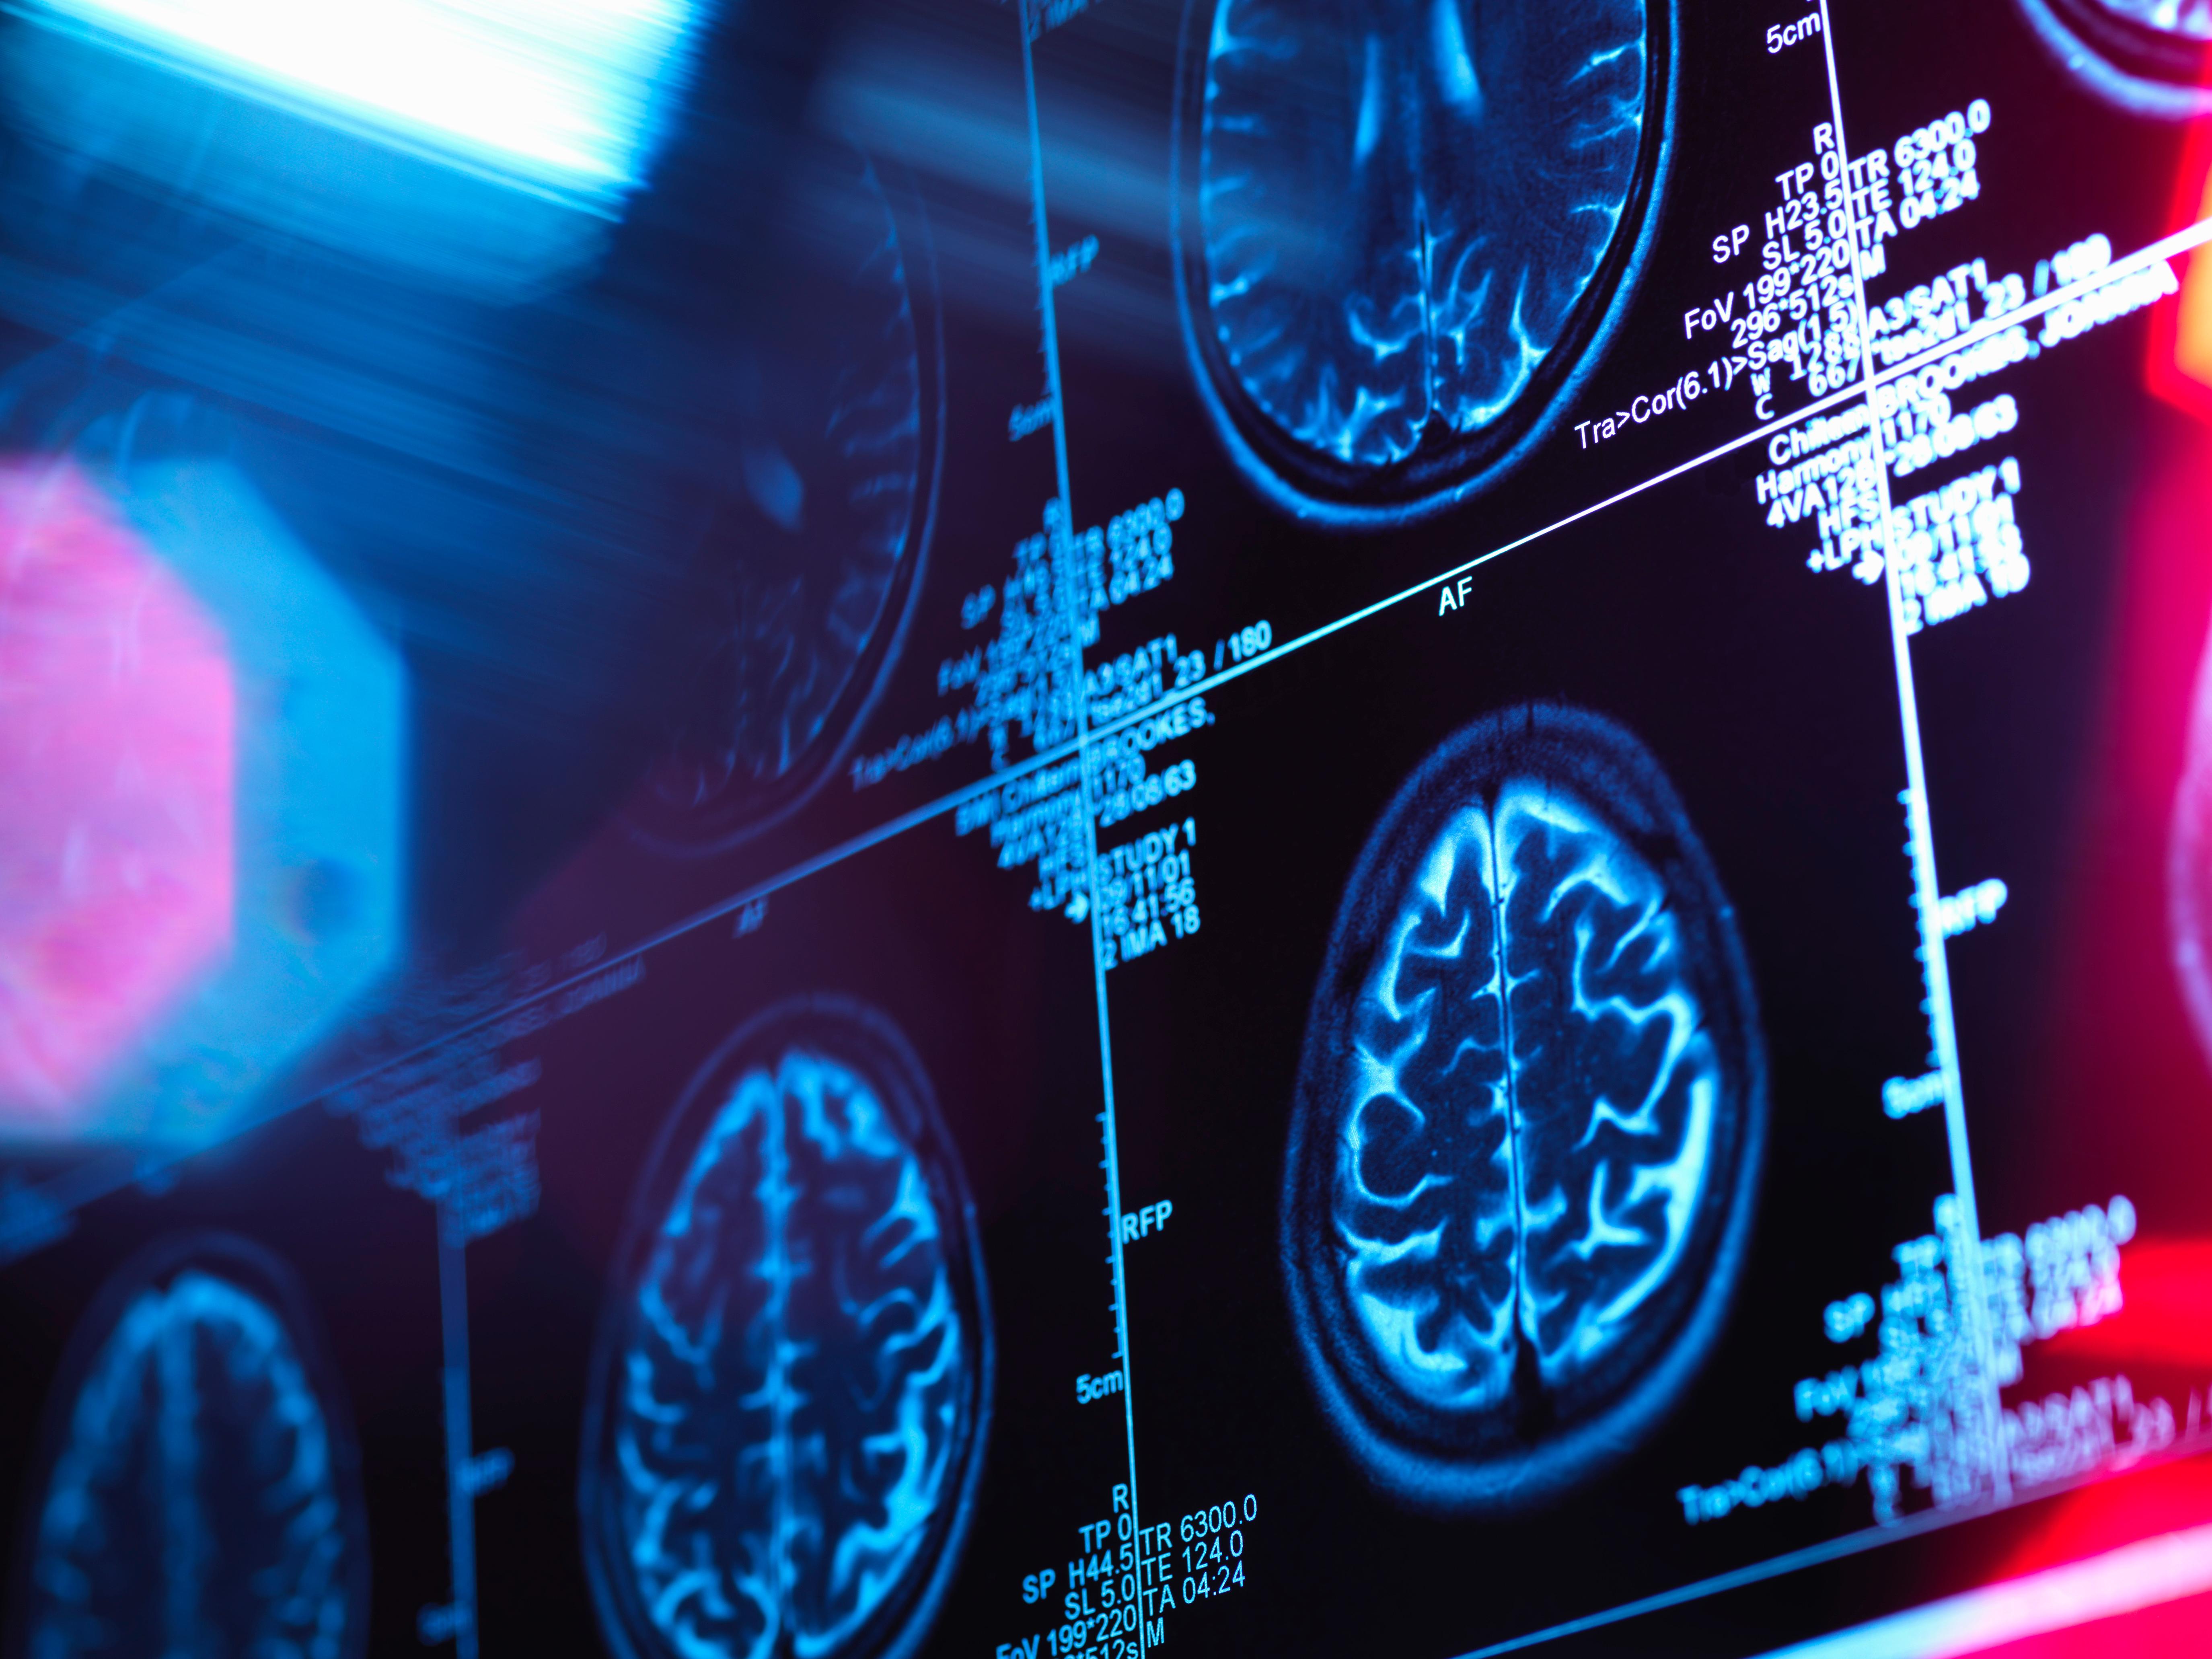 A mesterséges intelligencia tíz évvel a tünetek jelentkezése előtt felismeri az Alzheimert